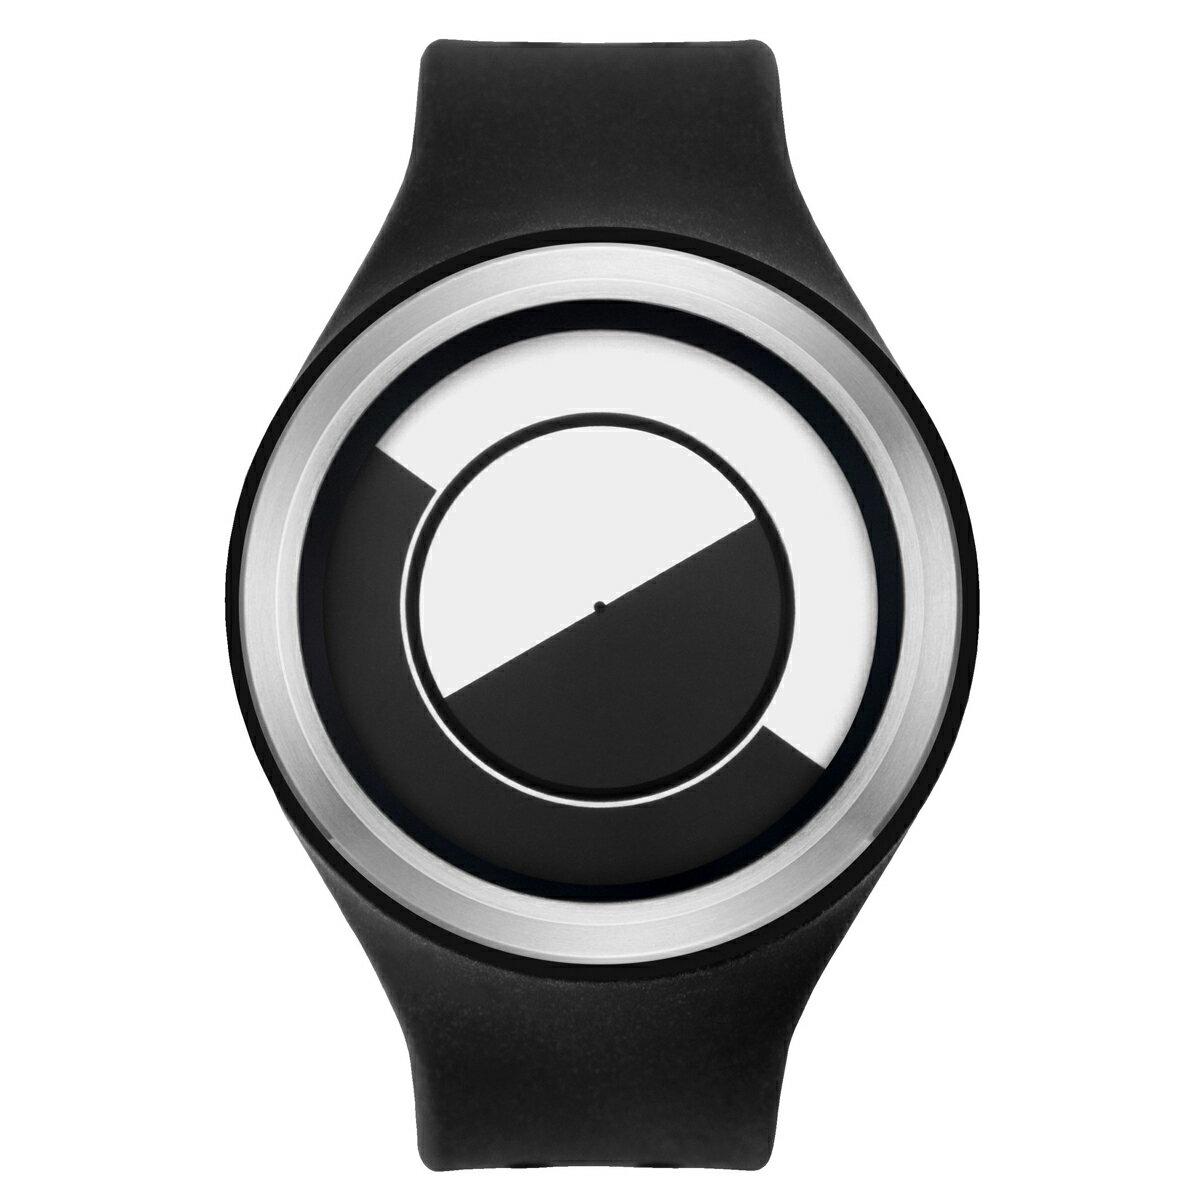 ZEROO QUARTER MOON ゼロ 電池式クォーツ 腕時計 [W01001B01SR02] ブラック デザインウォッチ ペア用 メンズ レディース ユニセックス おしゃれ時計 デザイナーズ